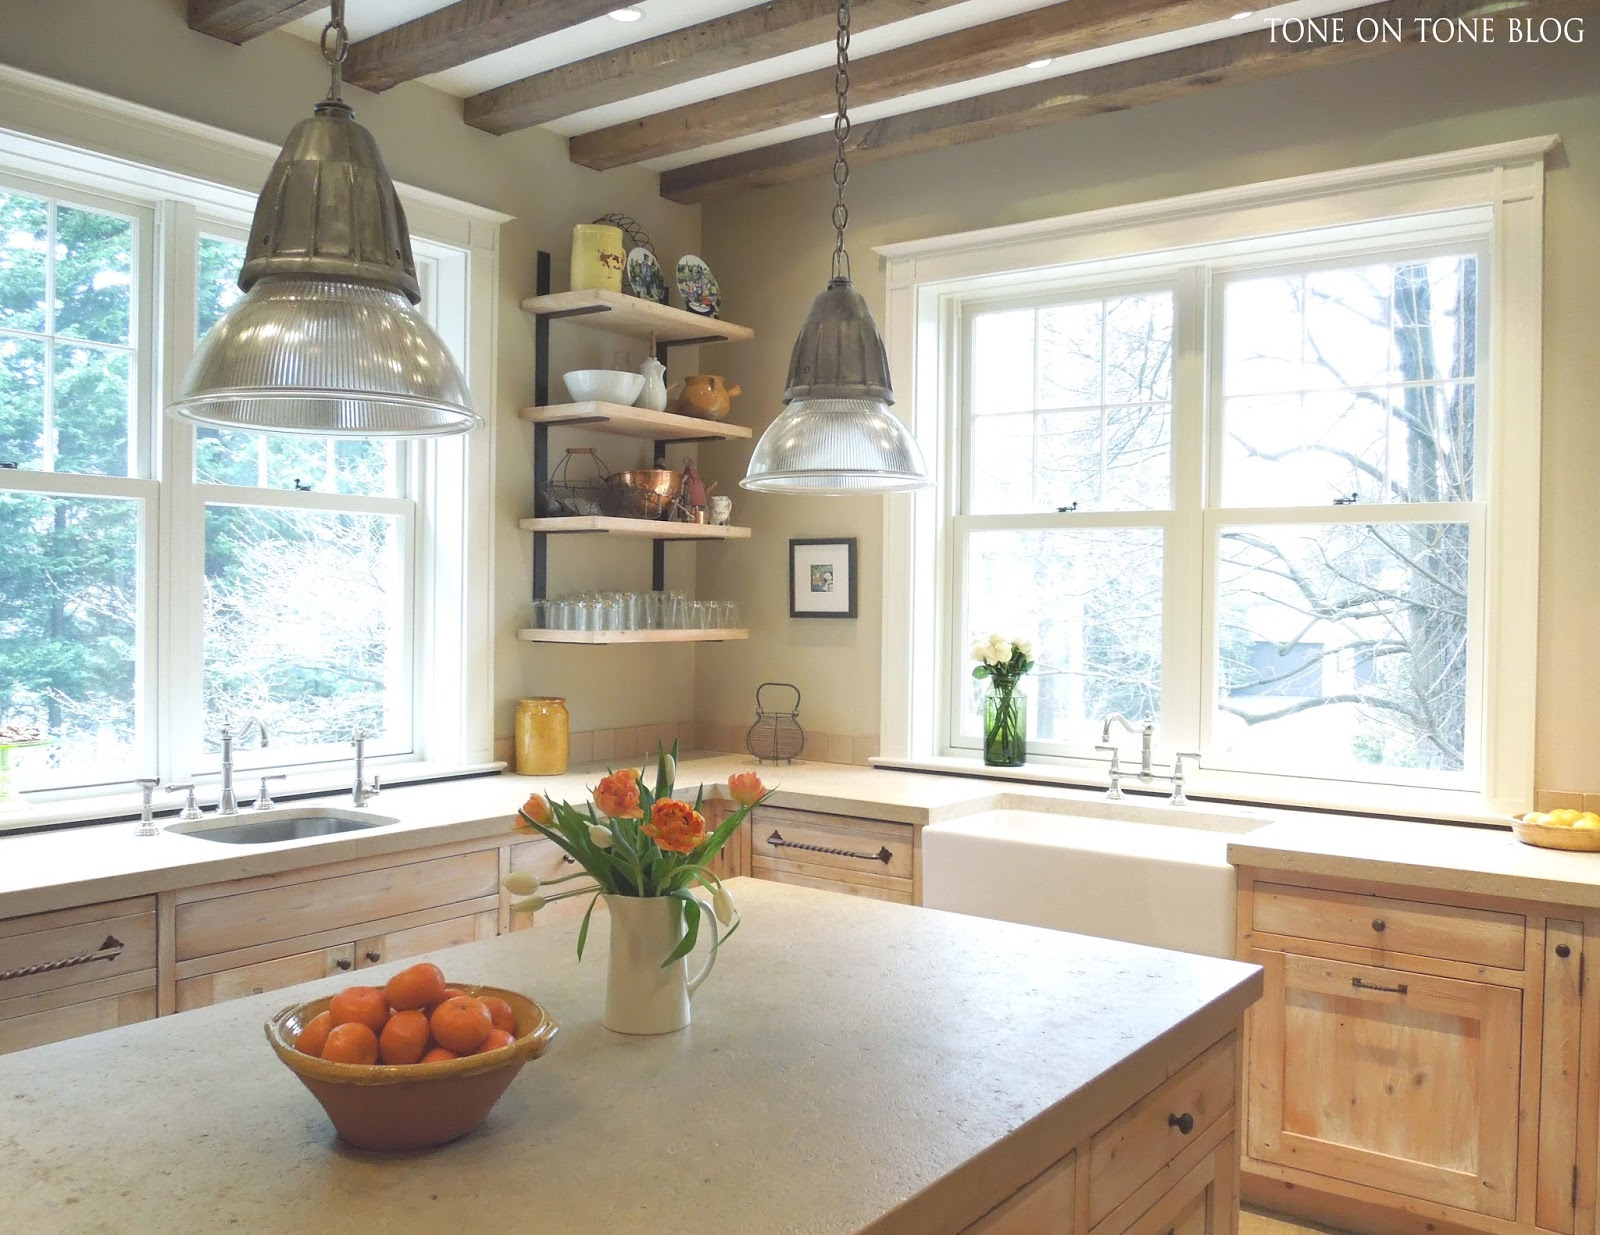 Tone on Tone: French Style Family Kitchen